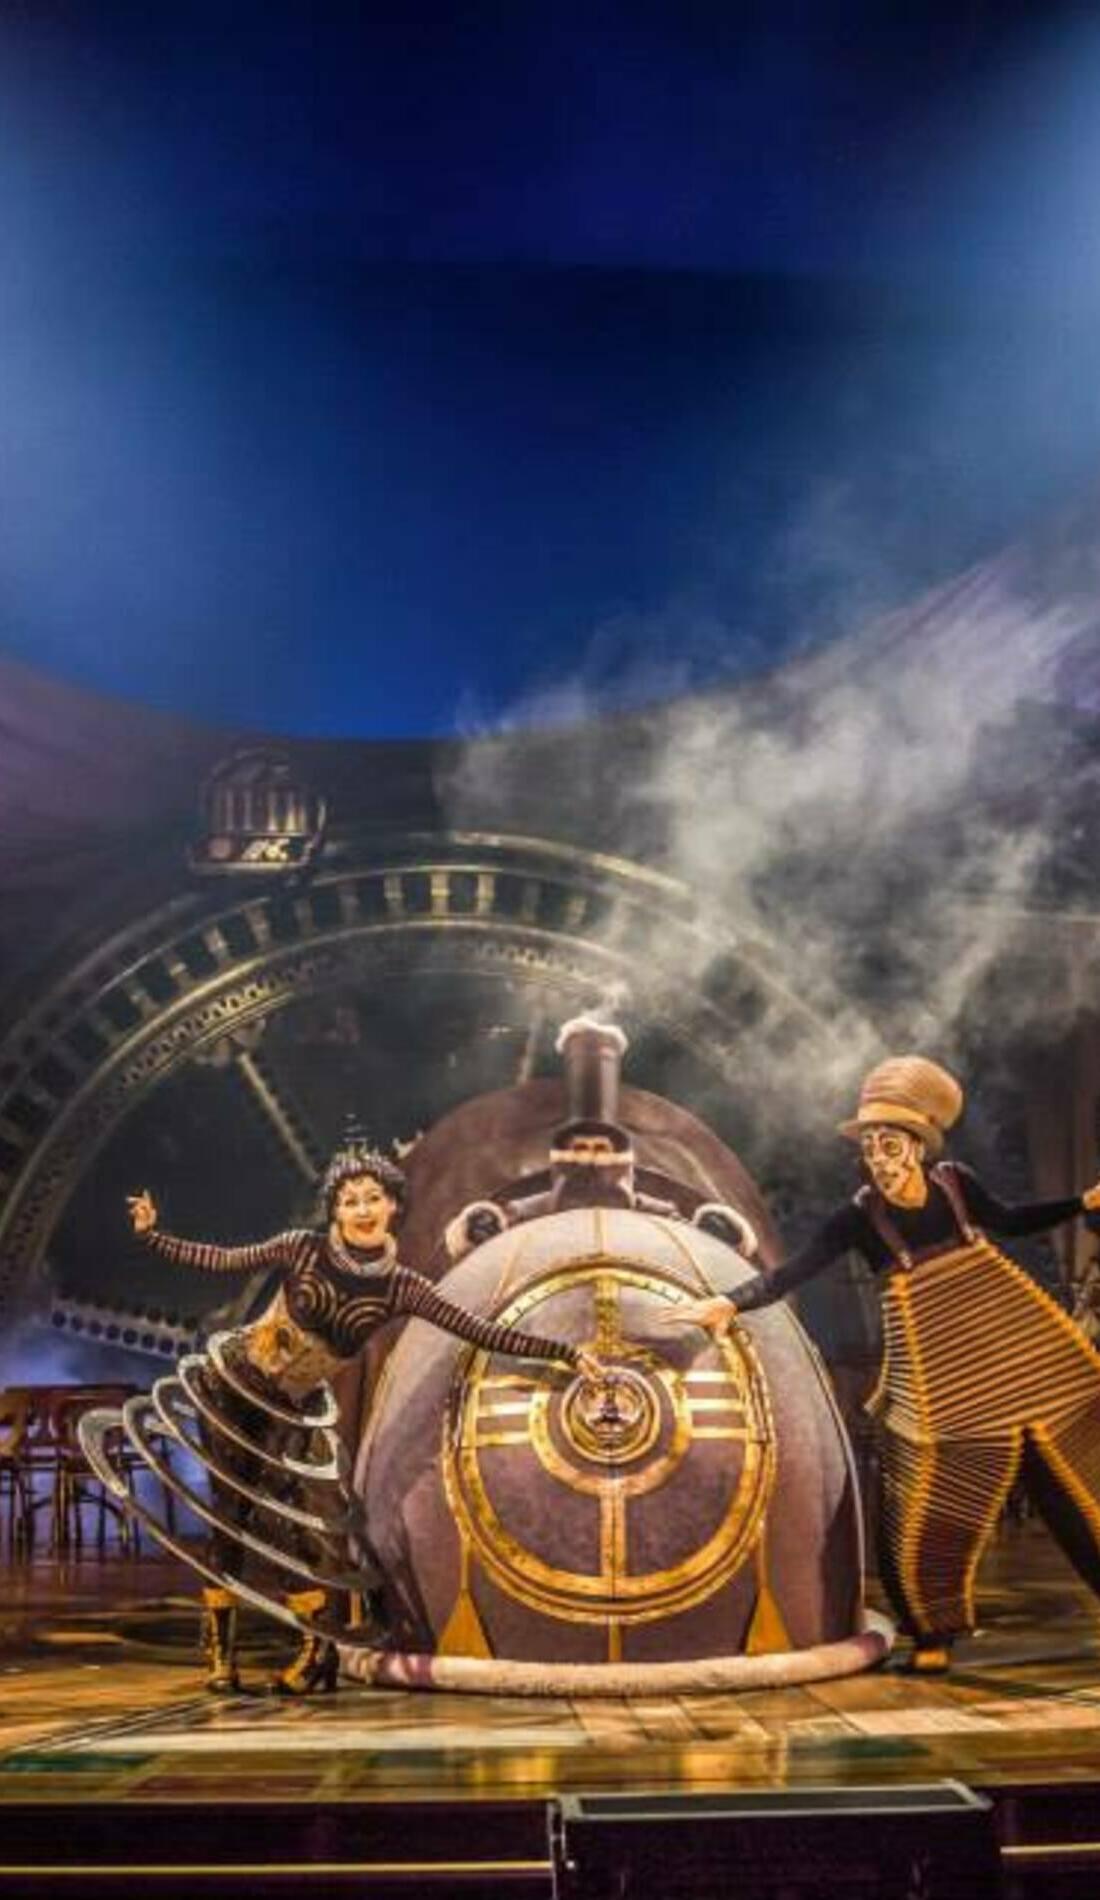 A Cirque du Soleil: Kurios live event